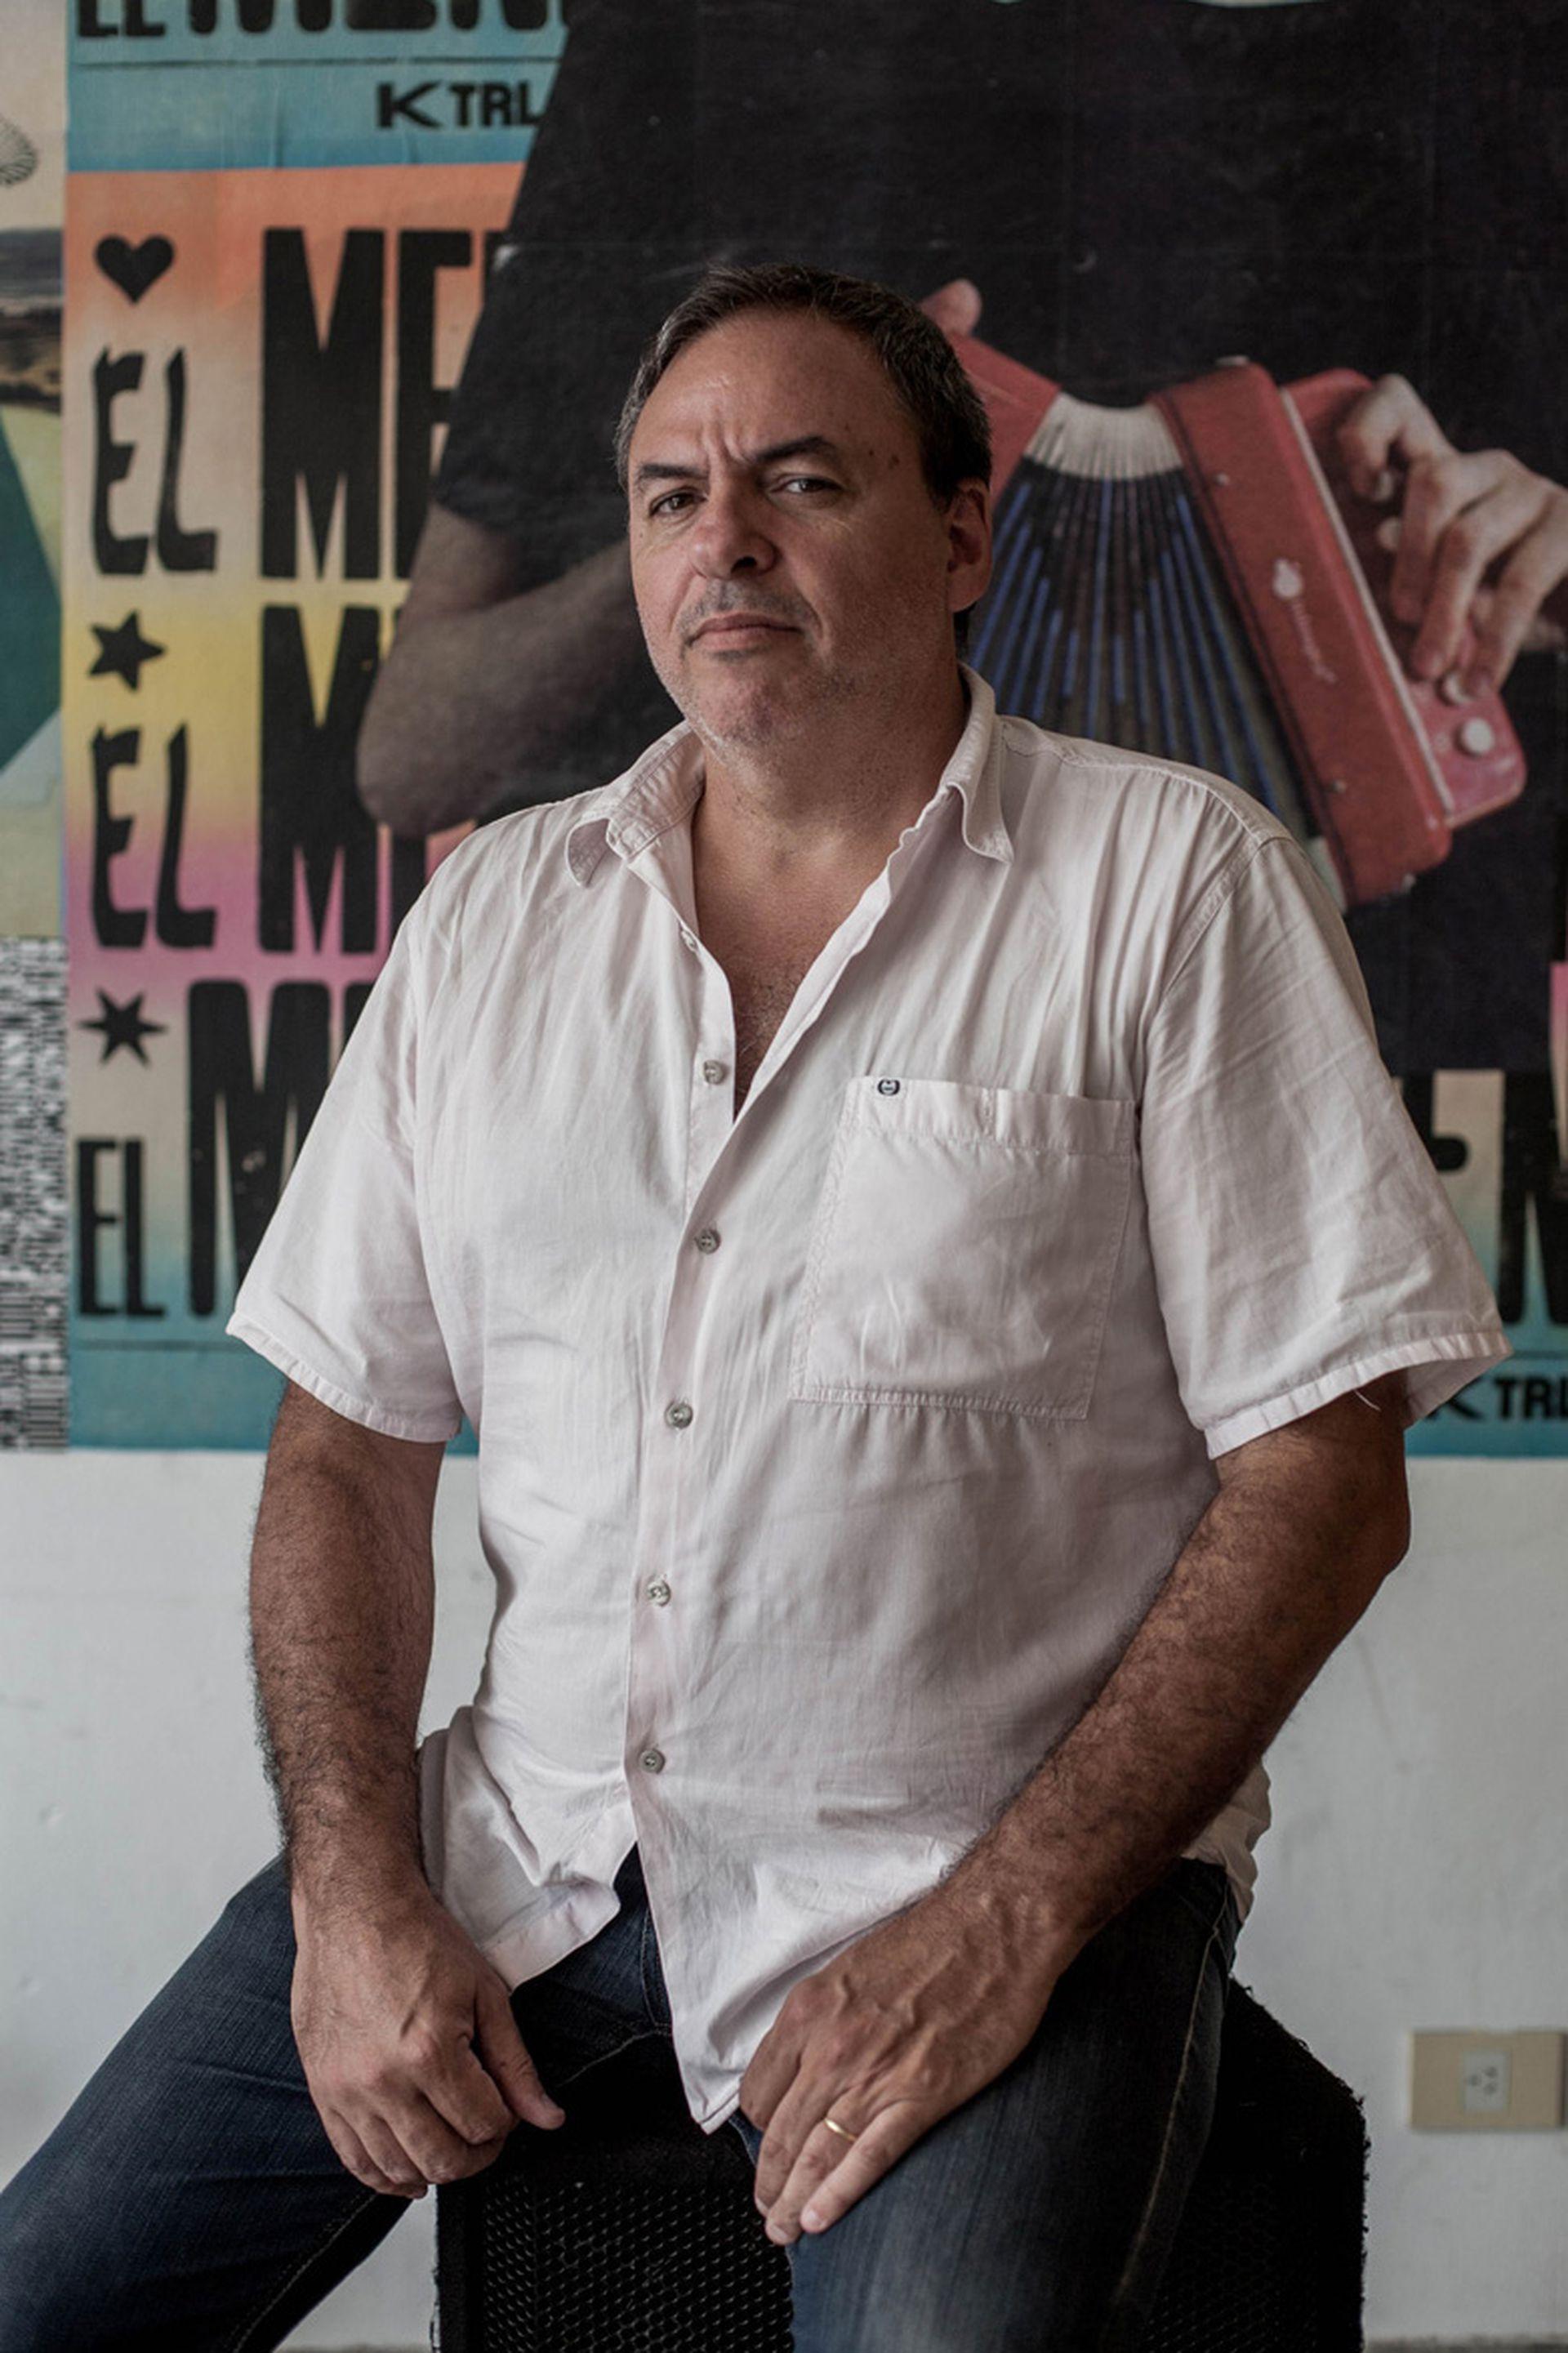 El publicista Gonzalo Vidal Meyrelles.